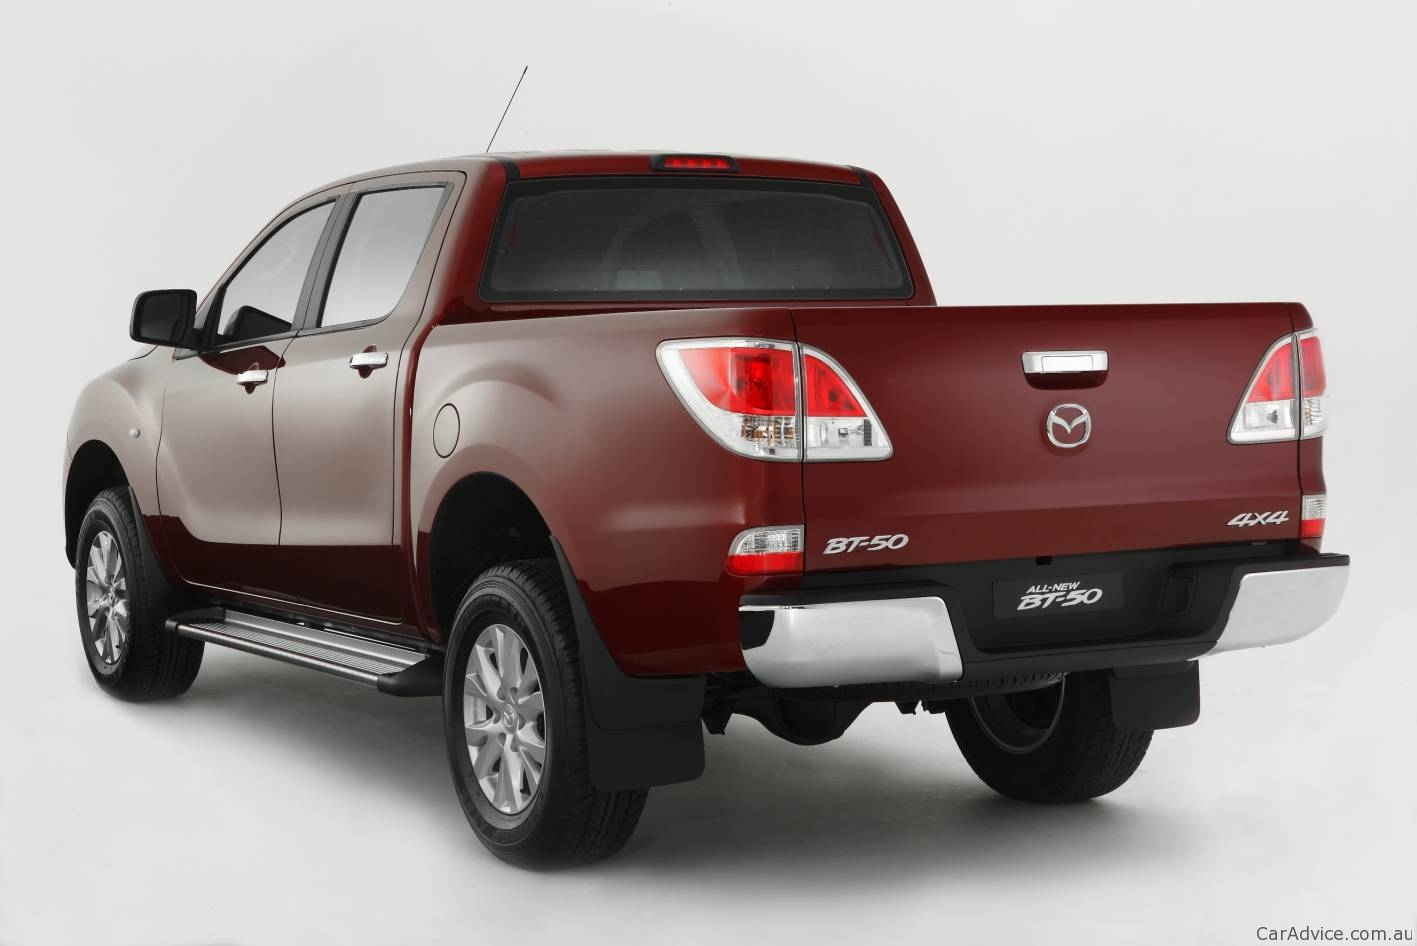 Mazda bt 50 2012